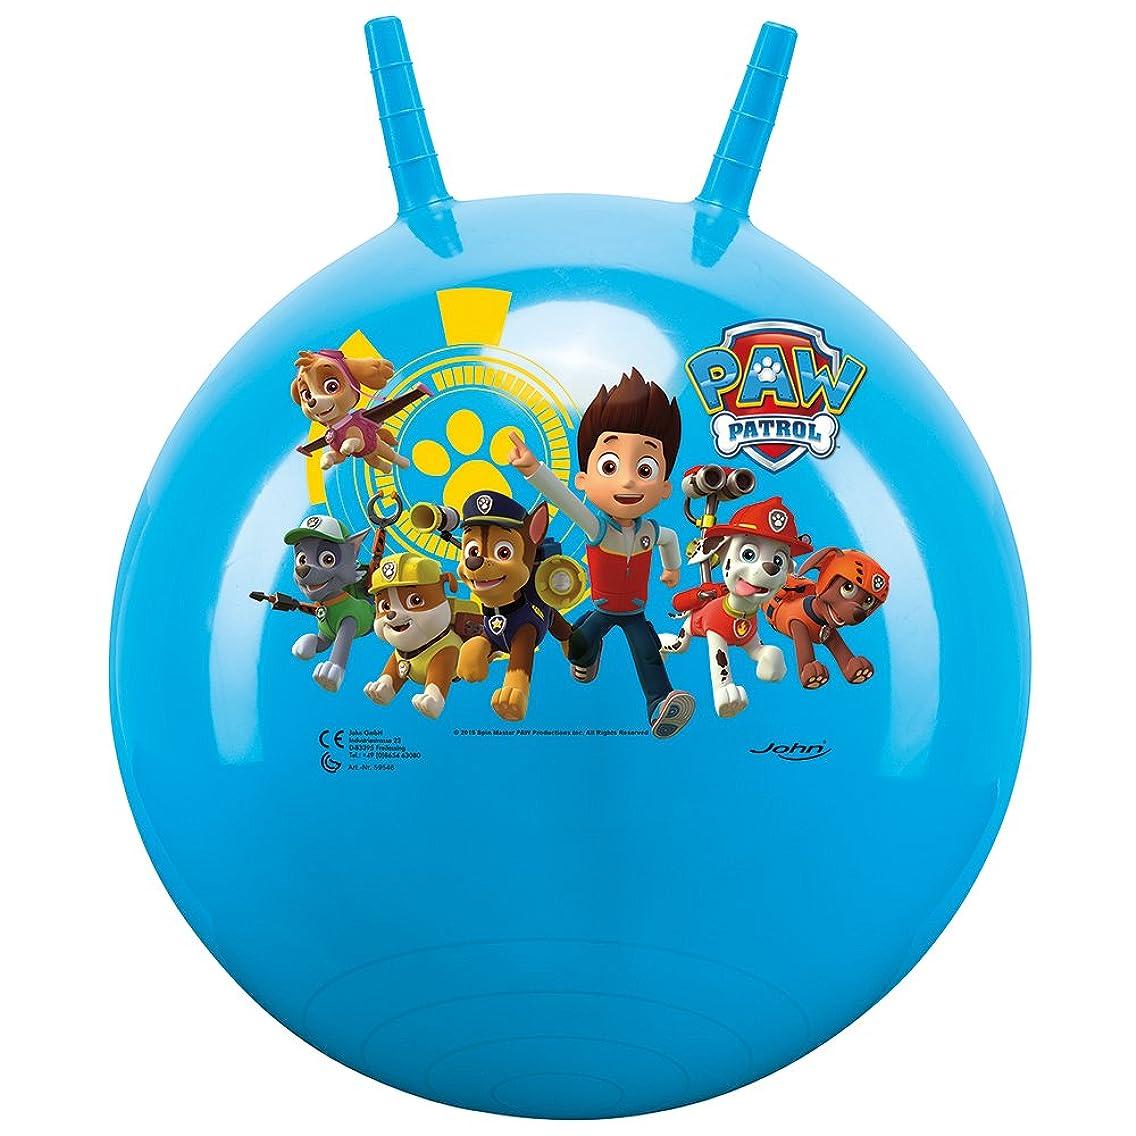 John 59546 Paw Patrol Space Hopper, Hopper Ball, Bouncing Ball - reflatable - Fitness for Kids